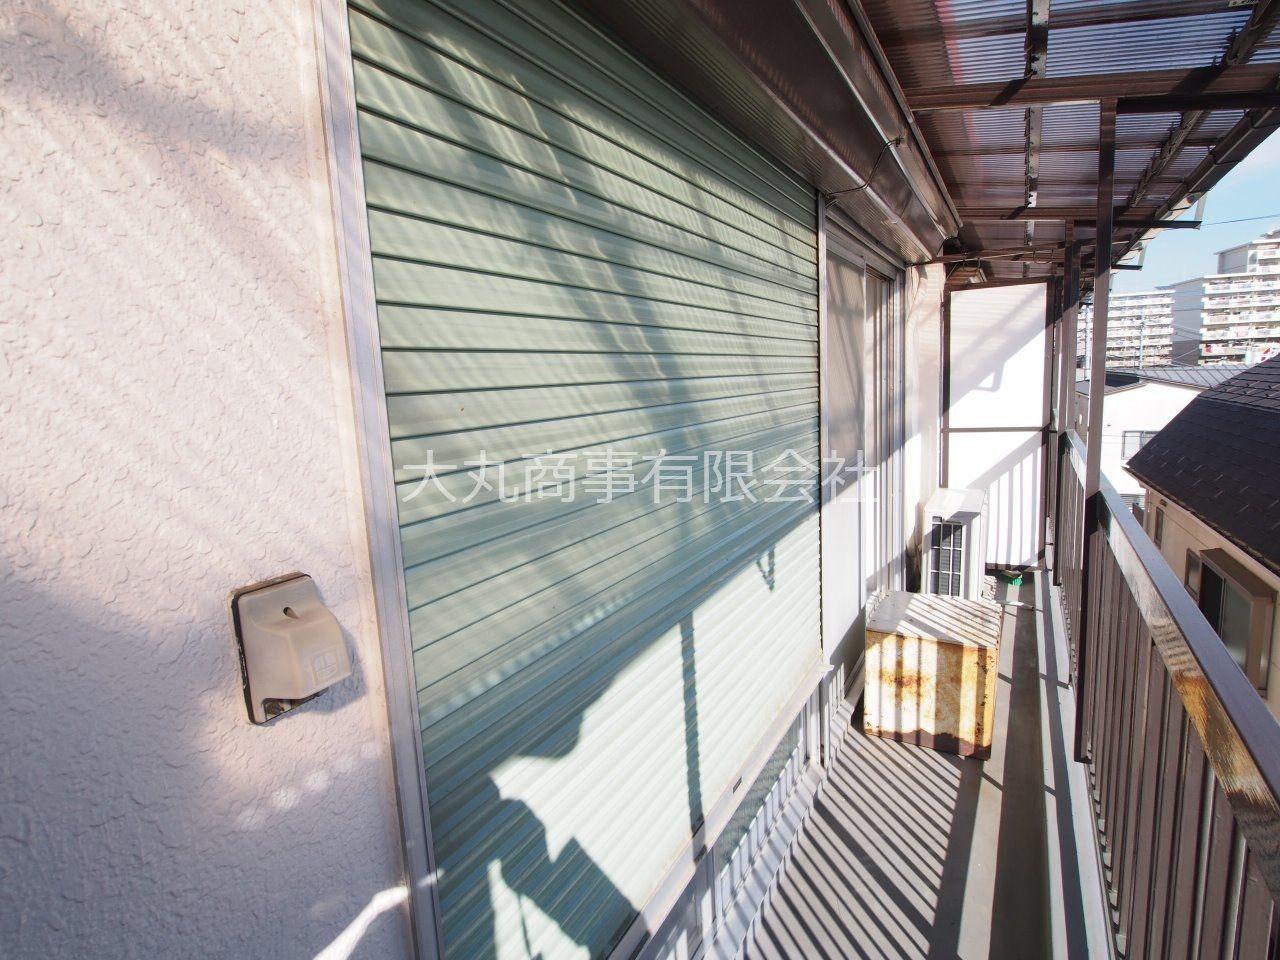 バルコニー側の窓にはシャッターあり